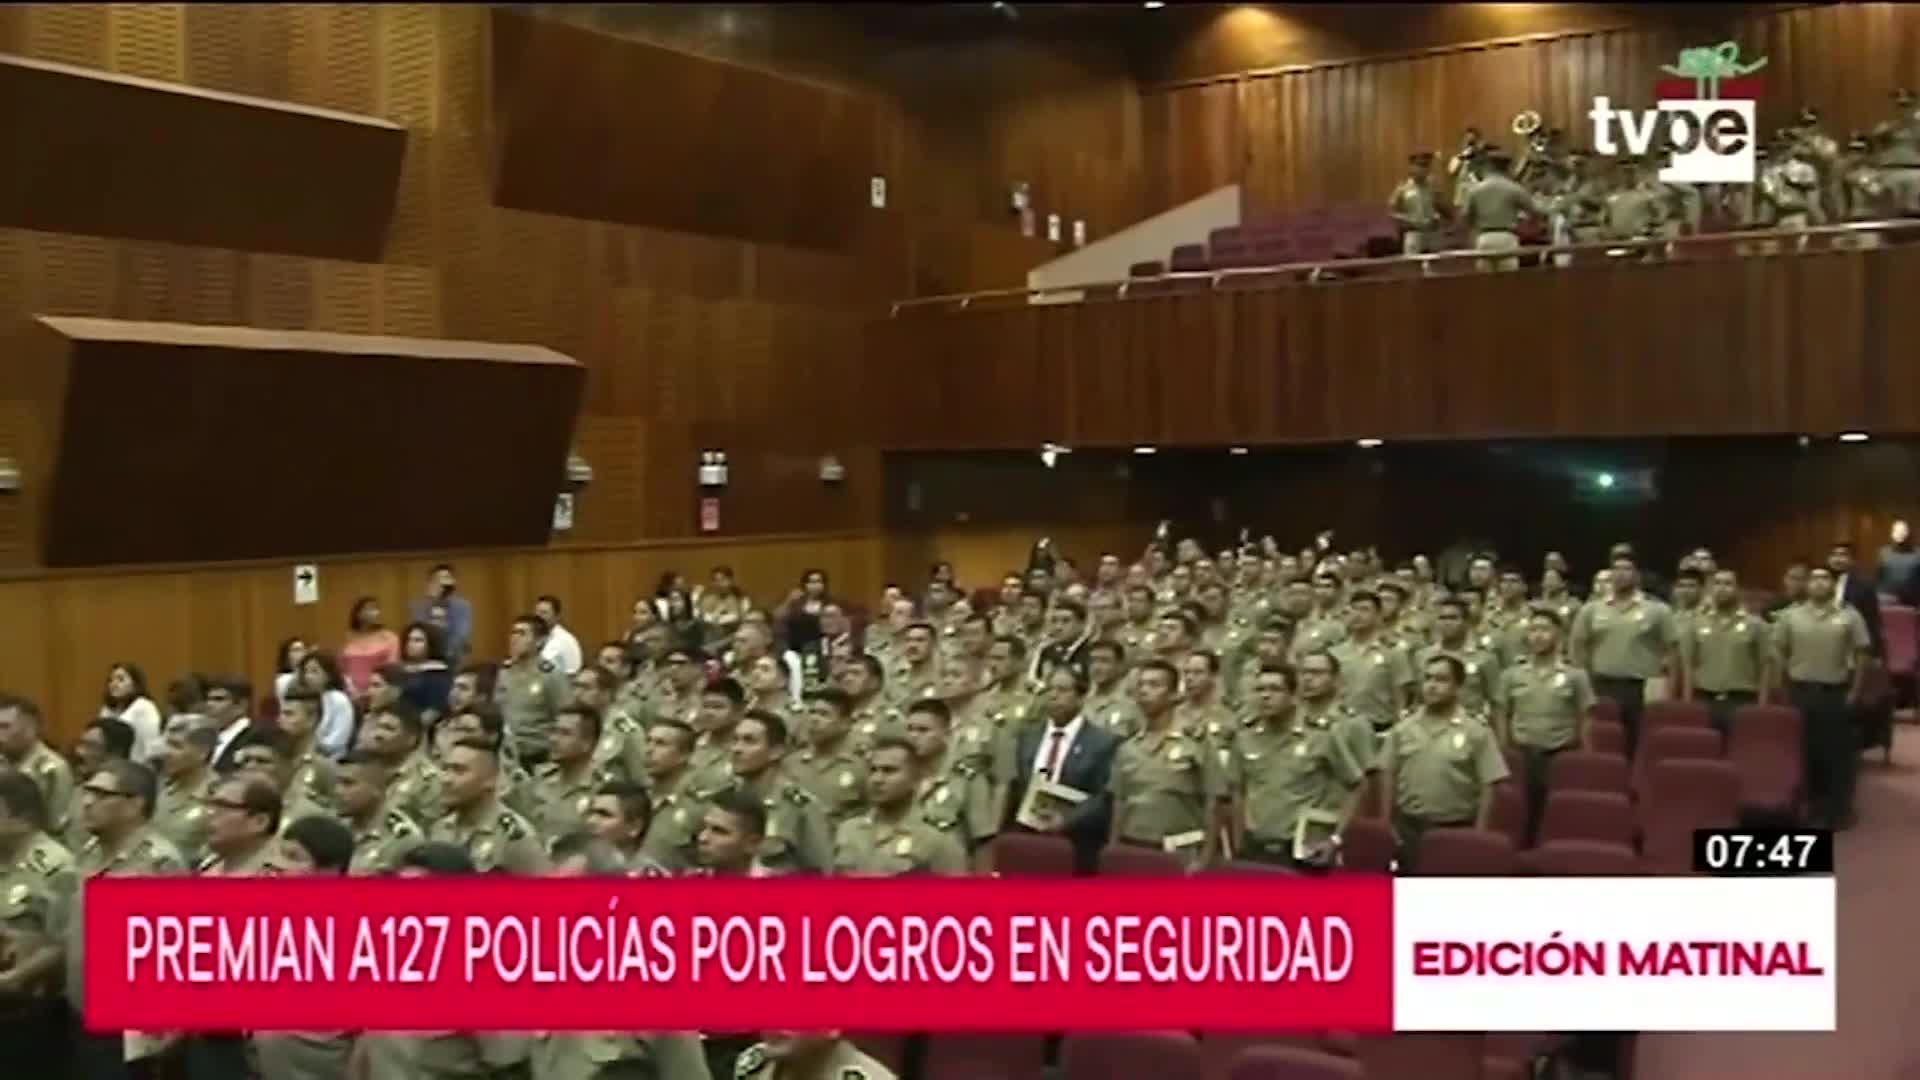 127 policías fueron reconocidos por logros en seguridad